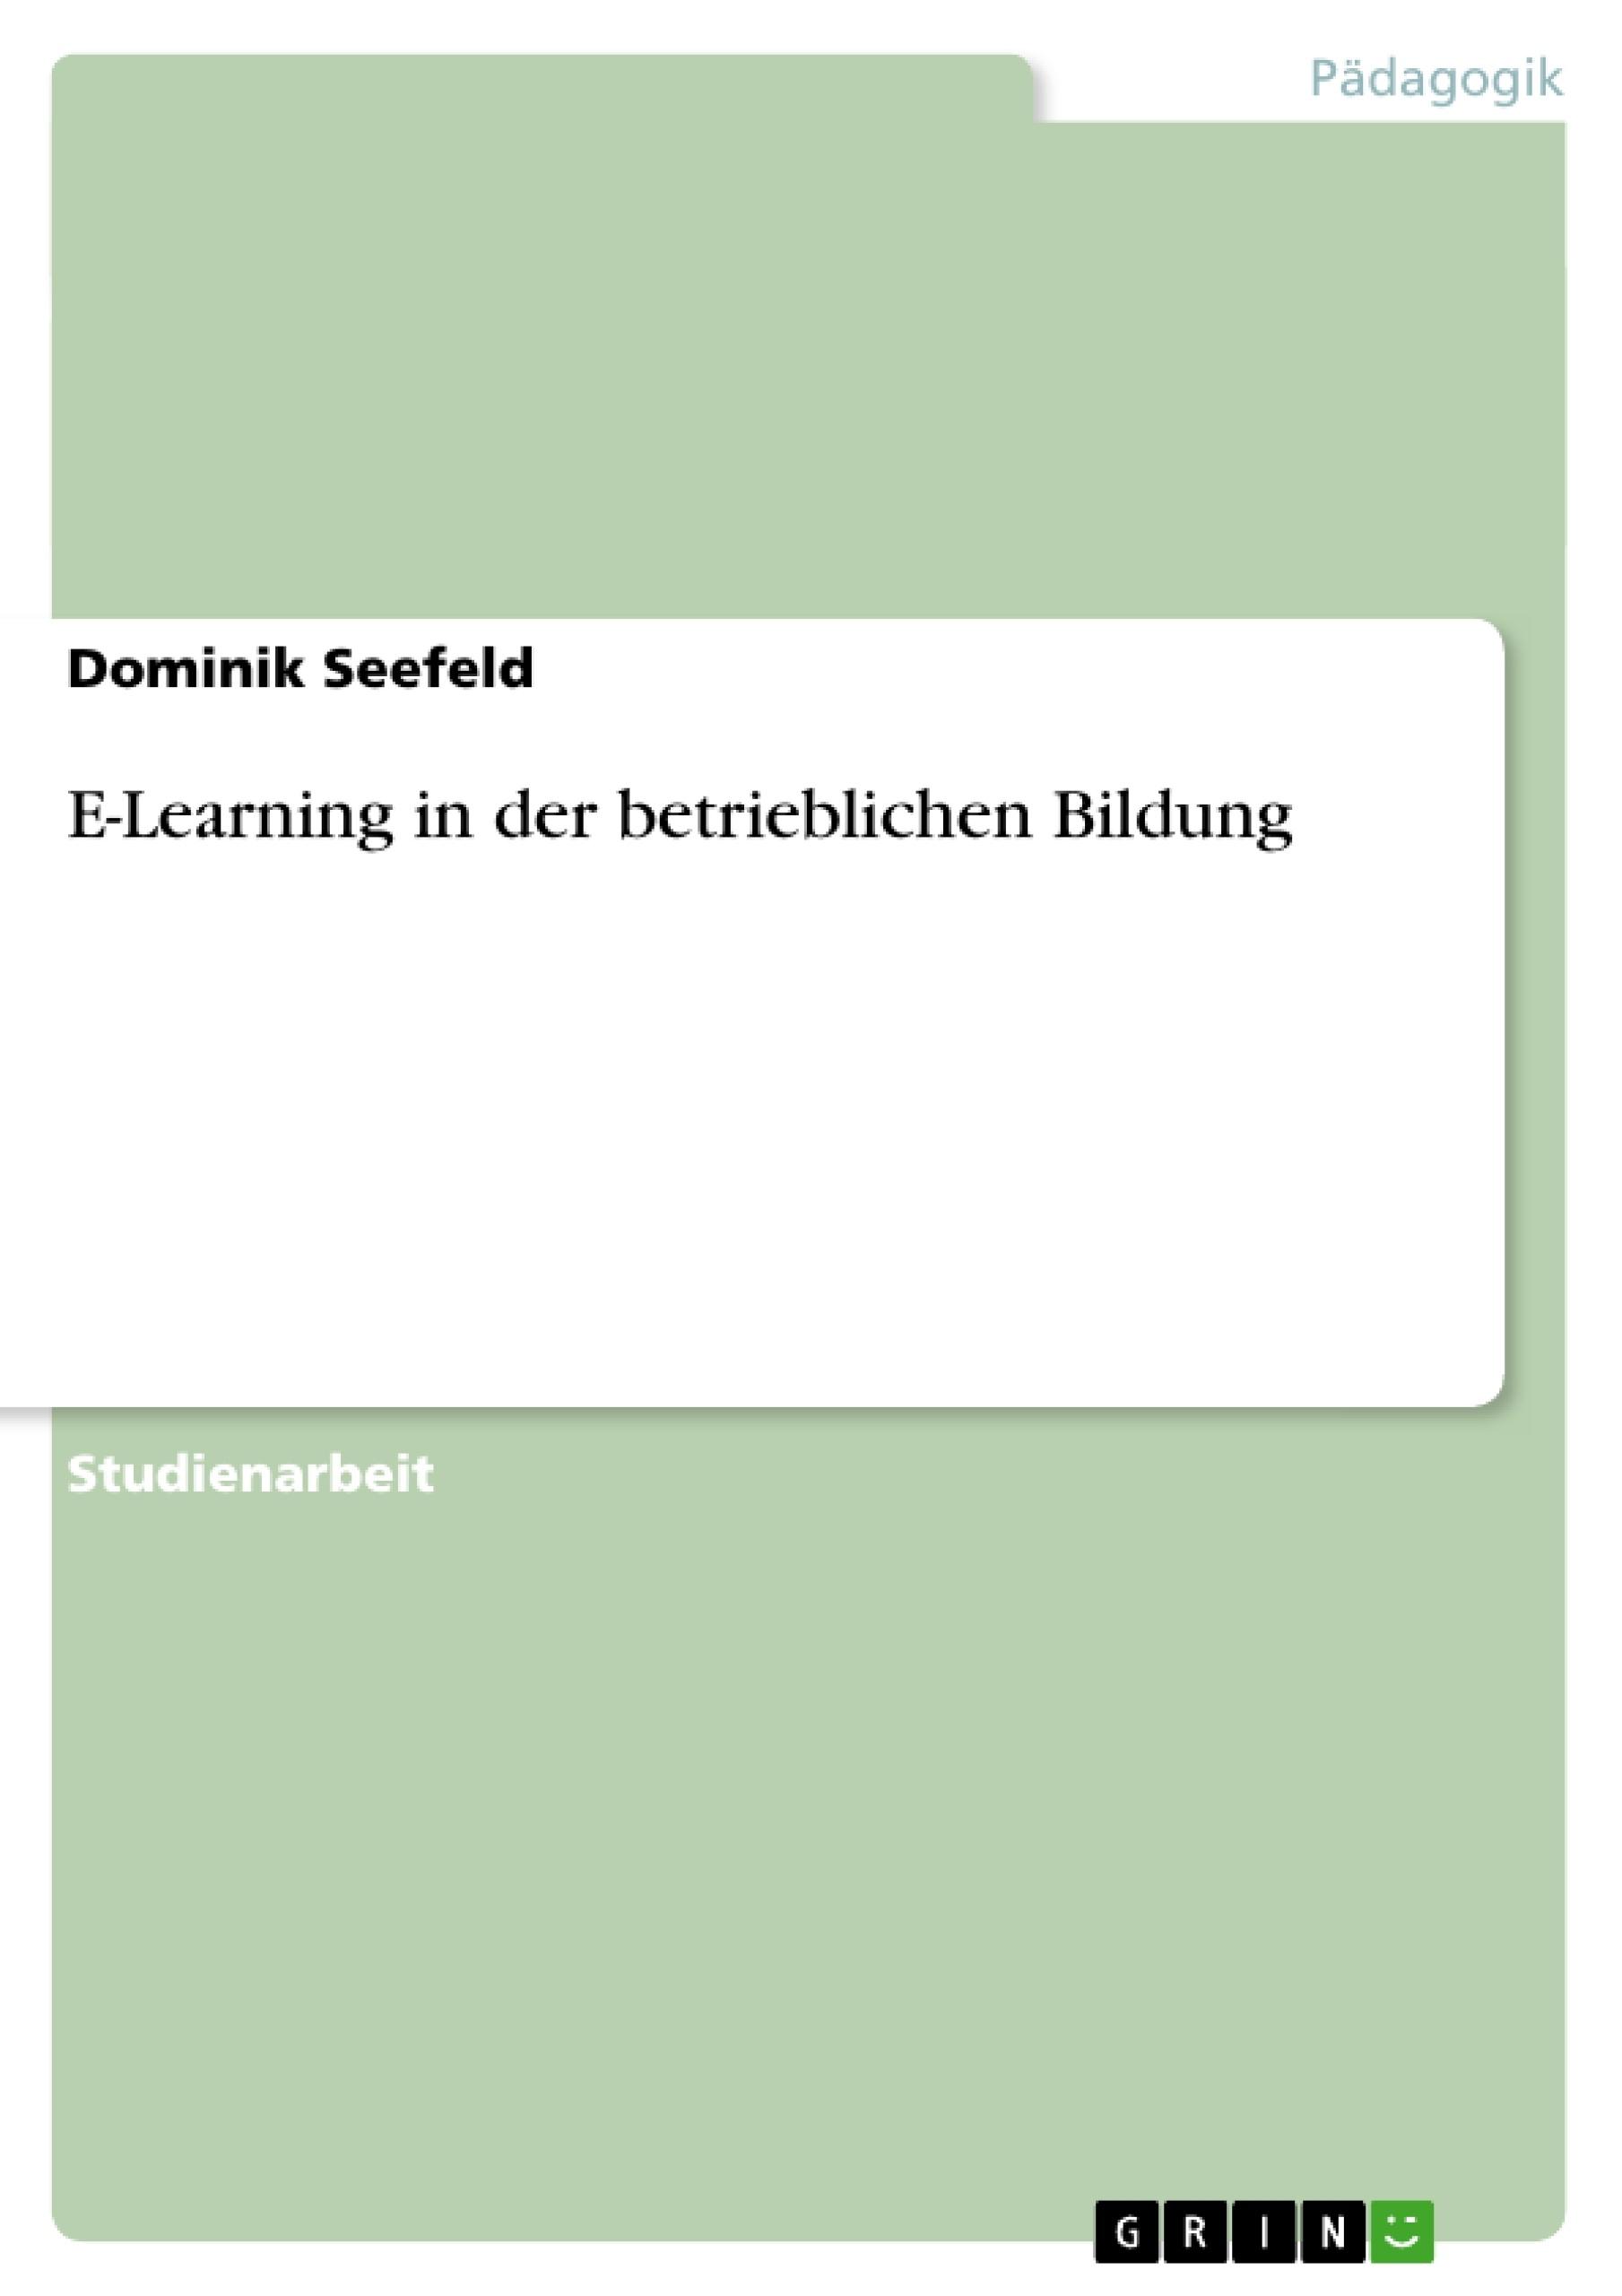 Titel: E-Learning in der betrieblichen Bildung